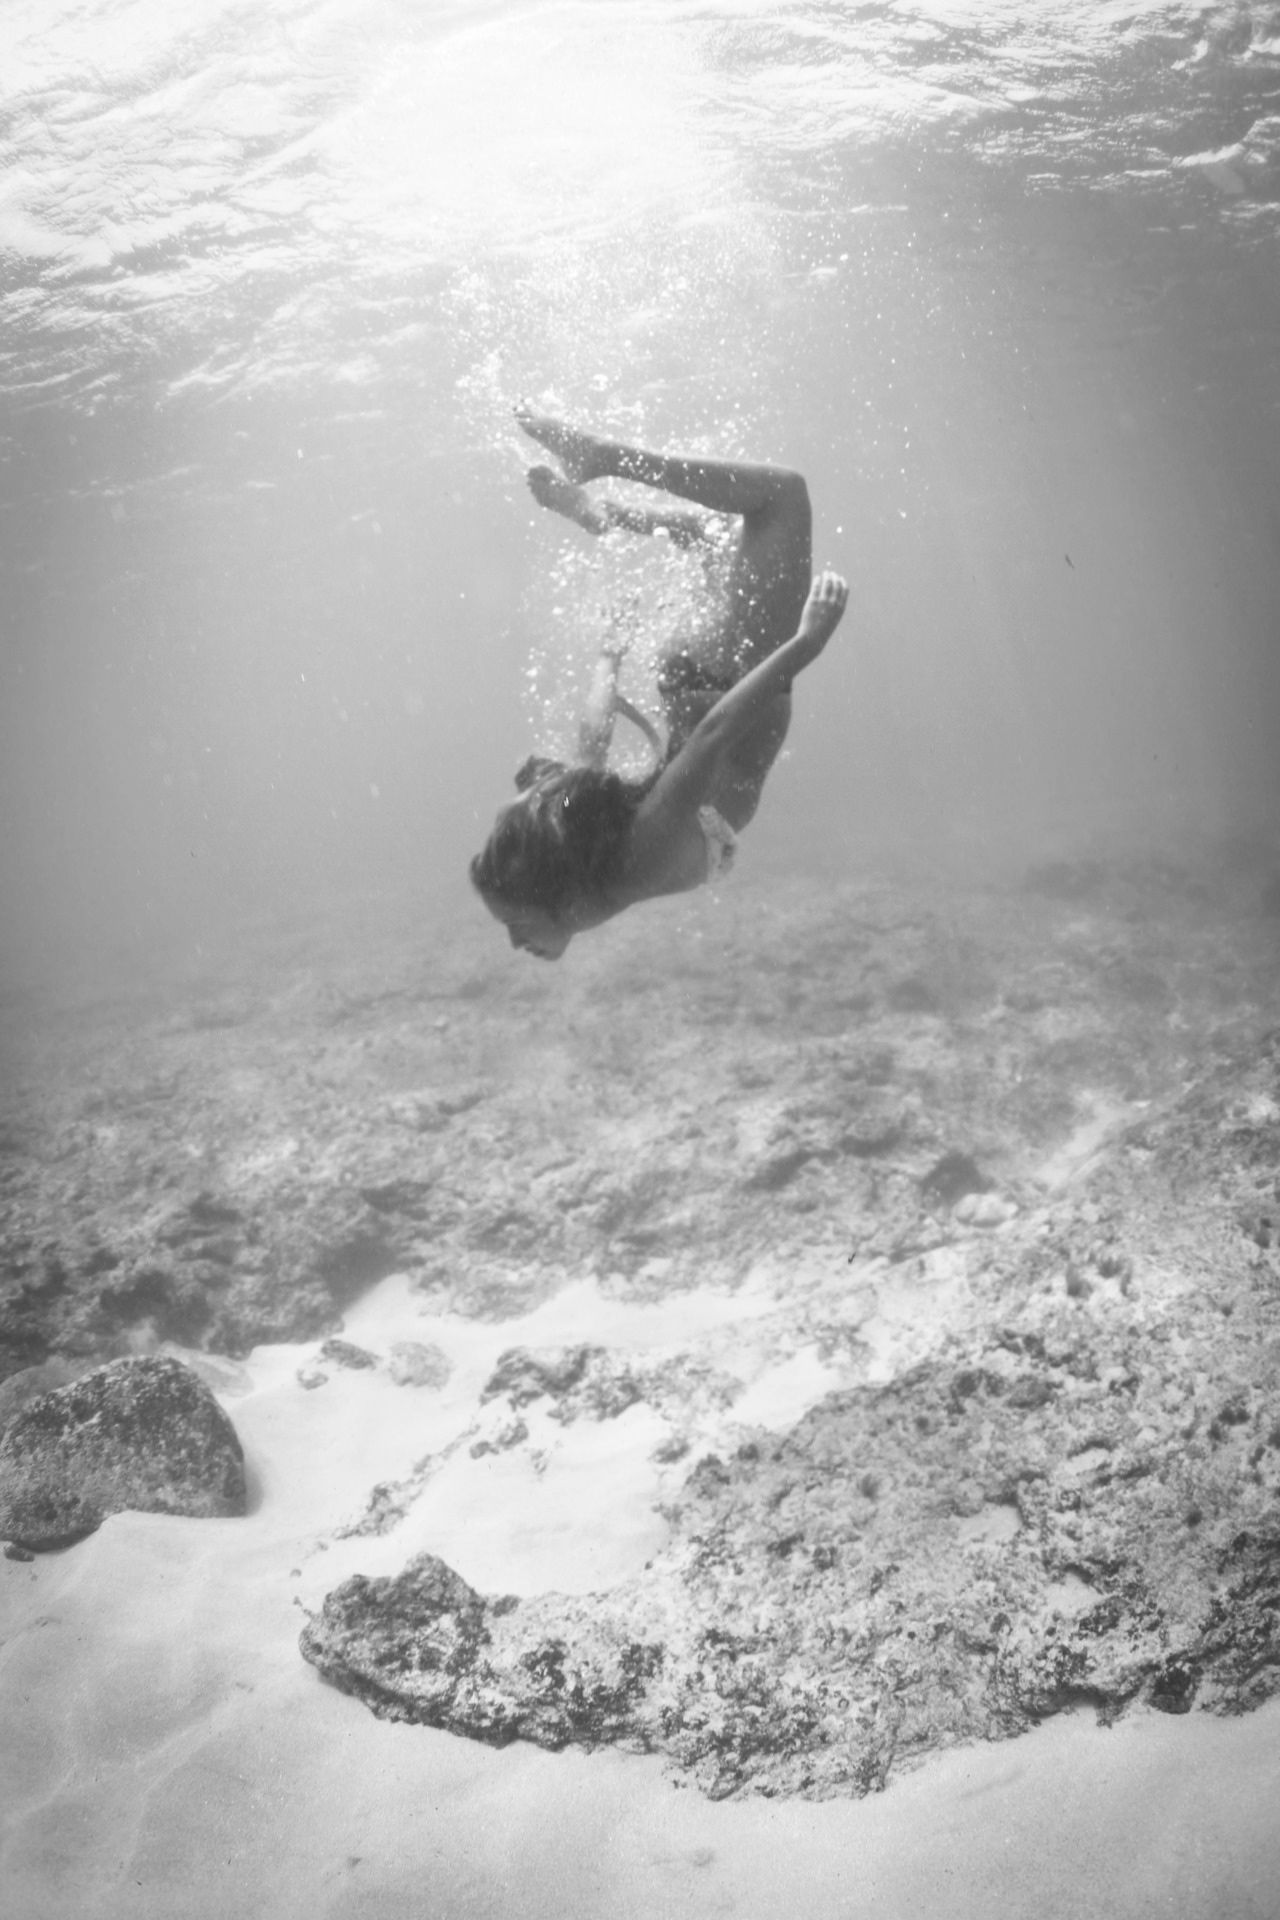 Underwater iphone wallpaper tumblr - Mermaids At Play Underwater Beauty Sun Sea Surf Beauty Island Ocean Sol Underwater Cheeky Caribbean